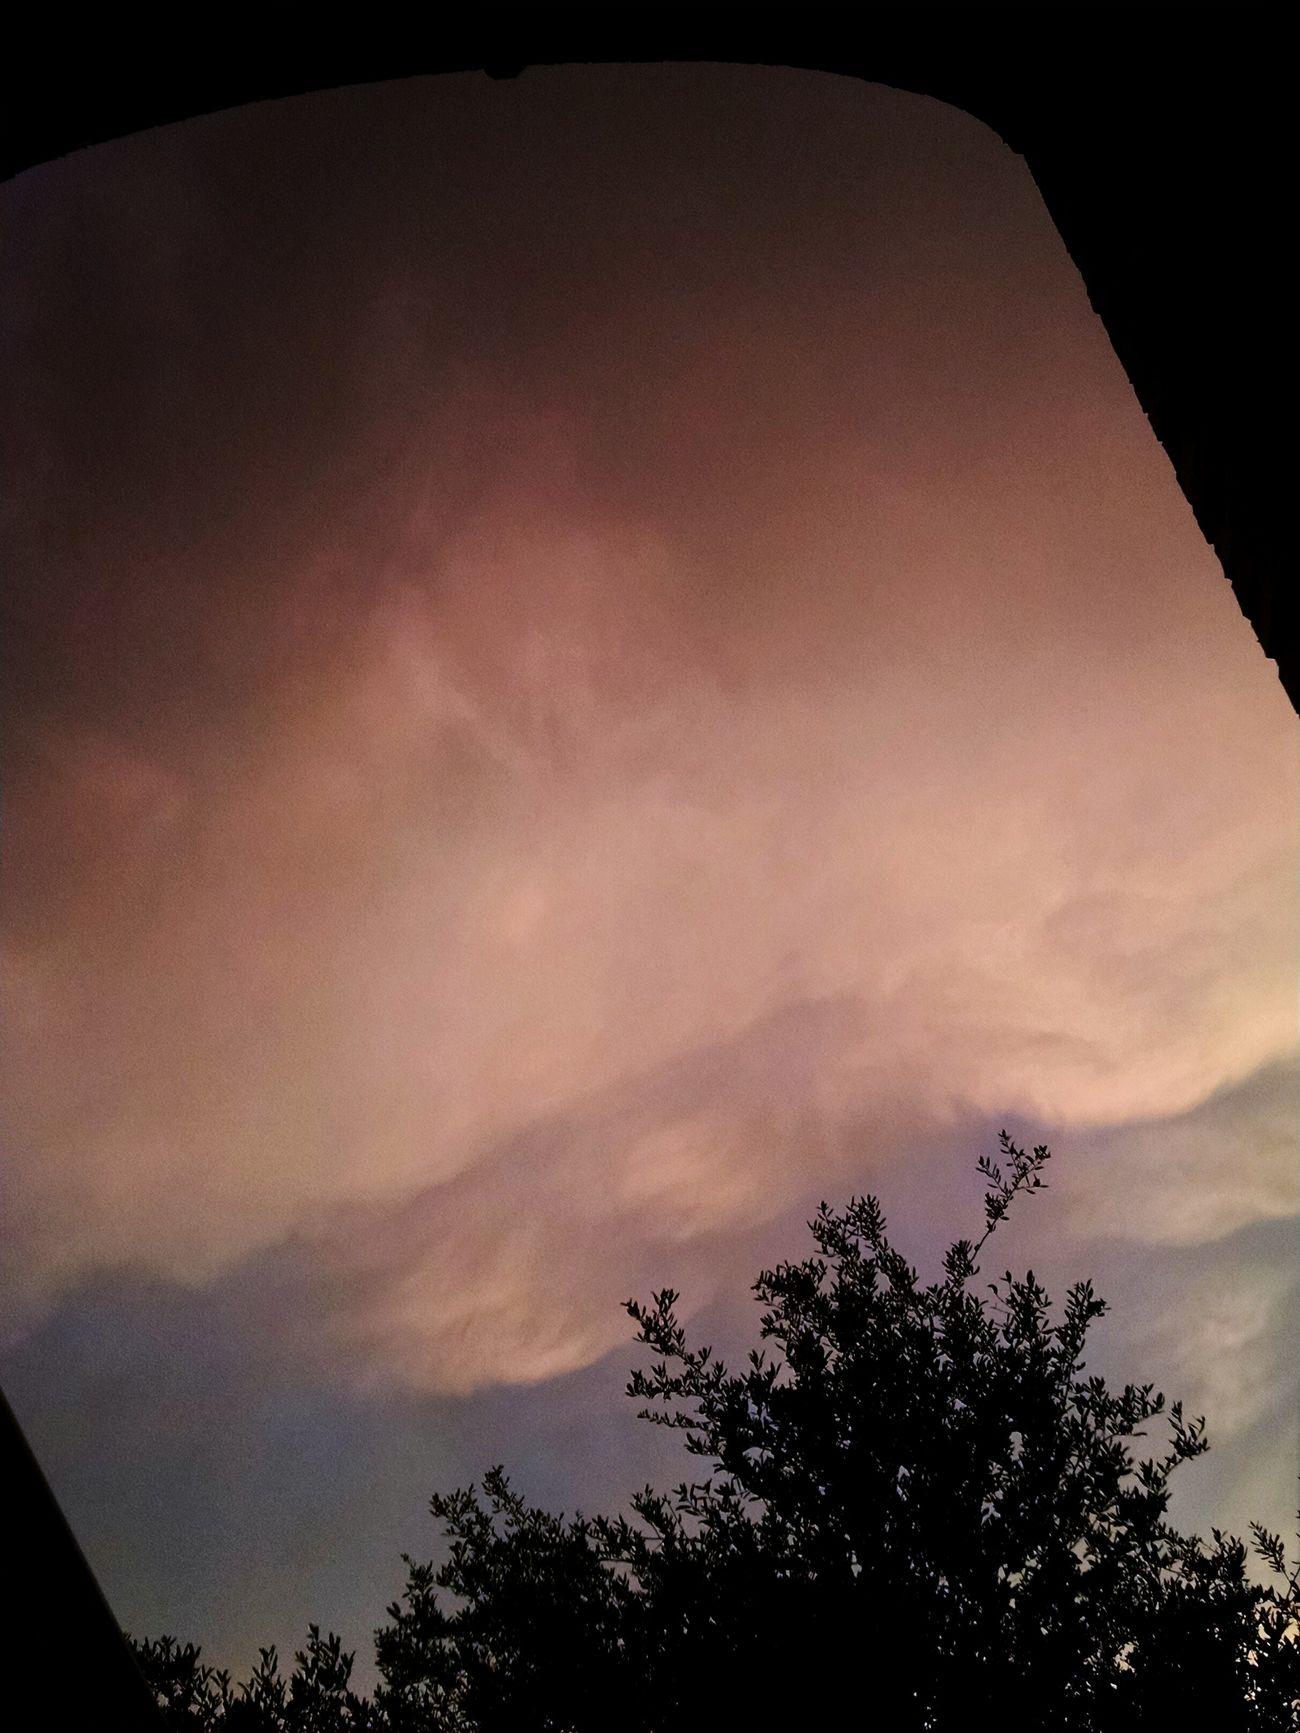 Stormy Weather Lastevening Beforetherain Splendor Myfrontdoorview Sky Orange Sky